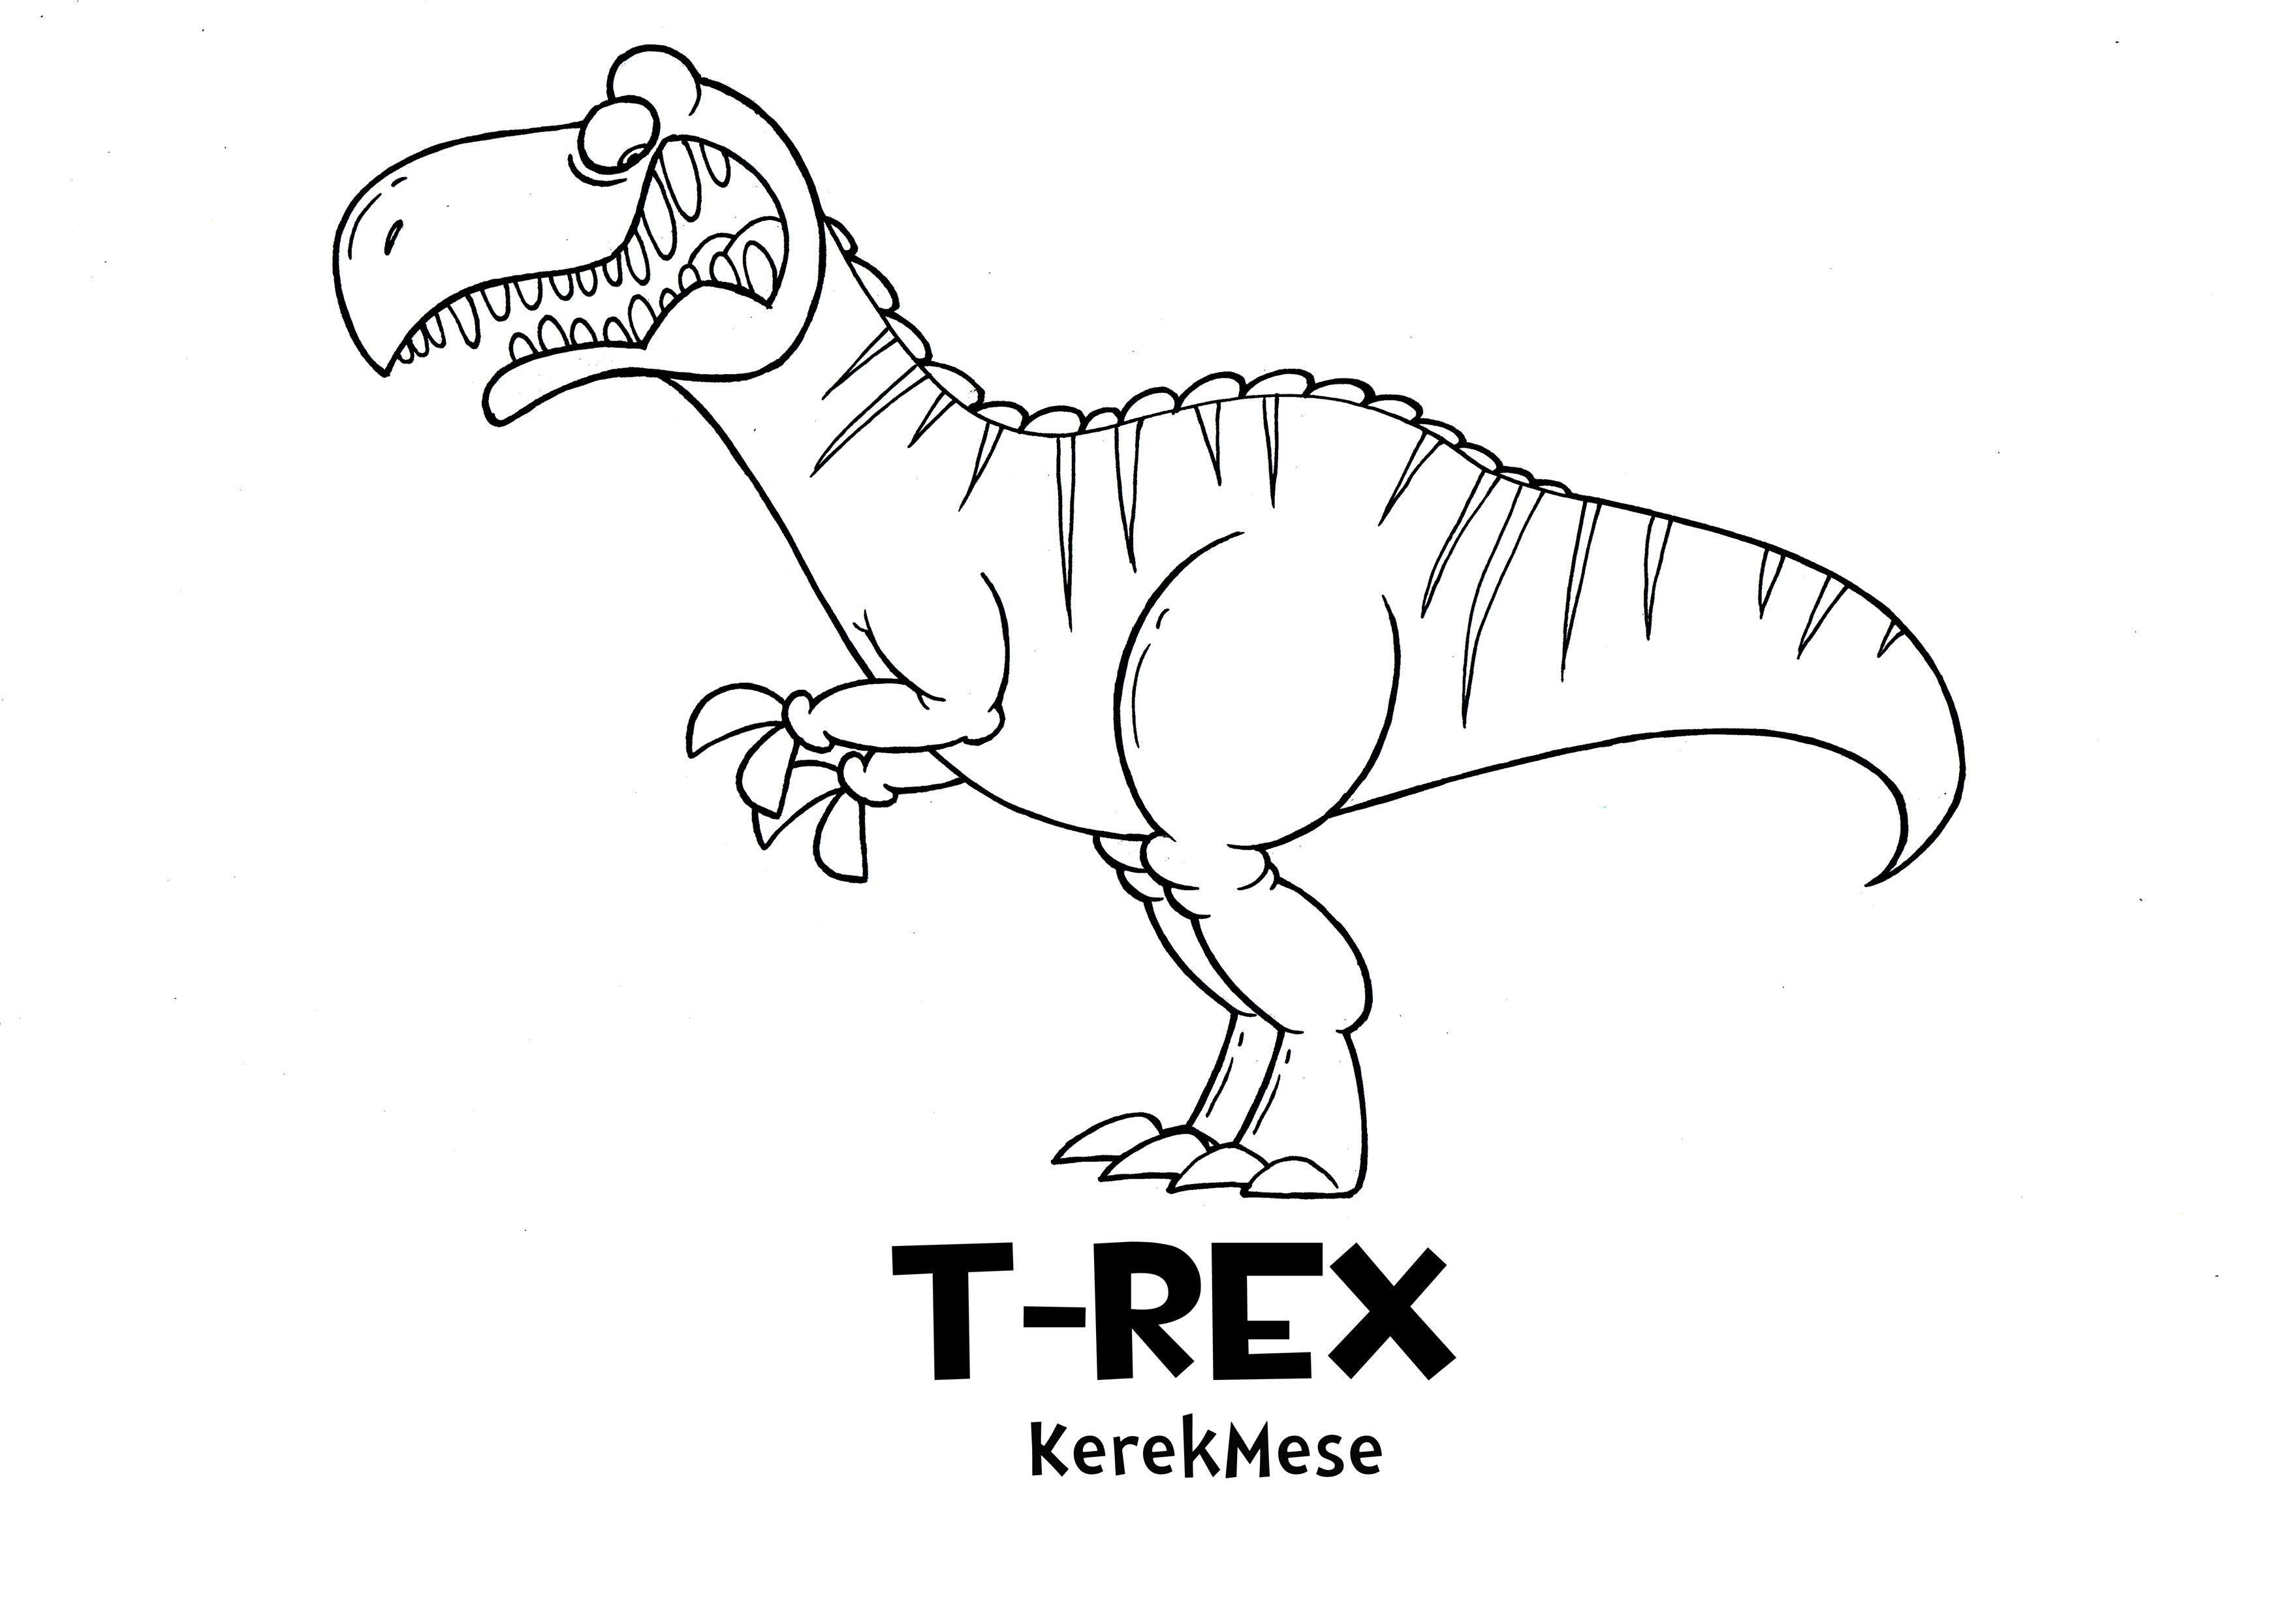 T Rex Malvorlage Inspirierend Dino T Rex Ausmalbilder Genial Pin by Hediye ‡etinkaya Dinozor Galerie